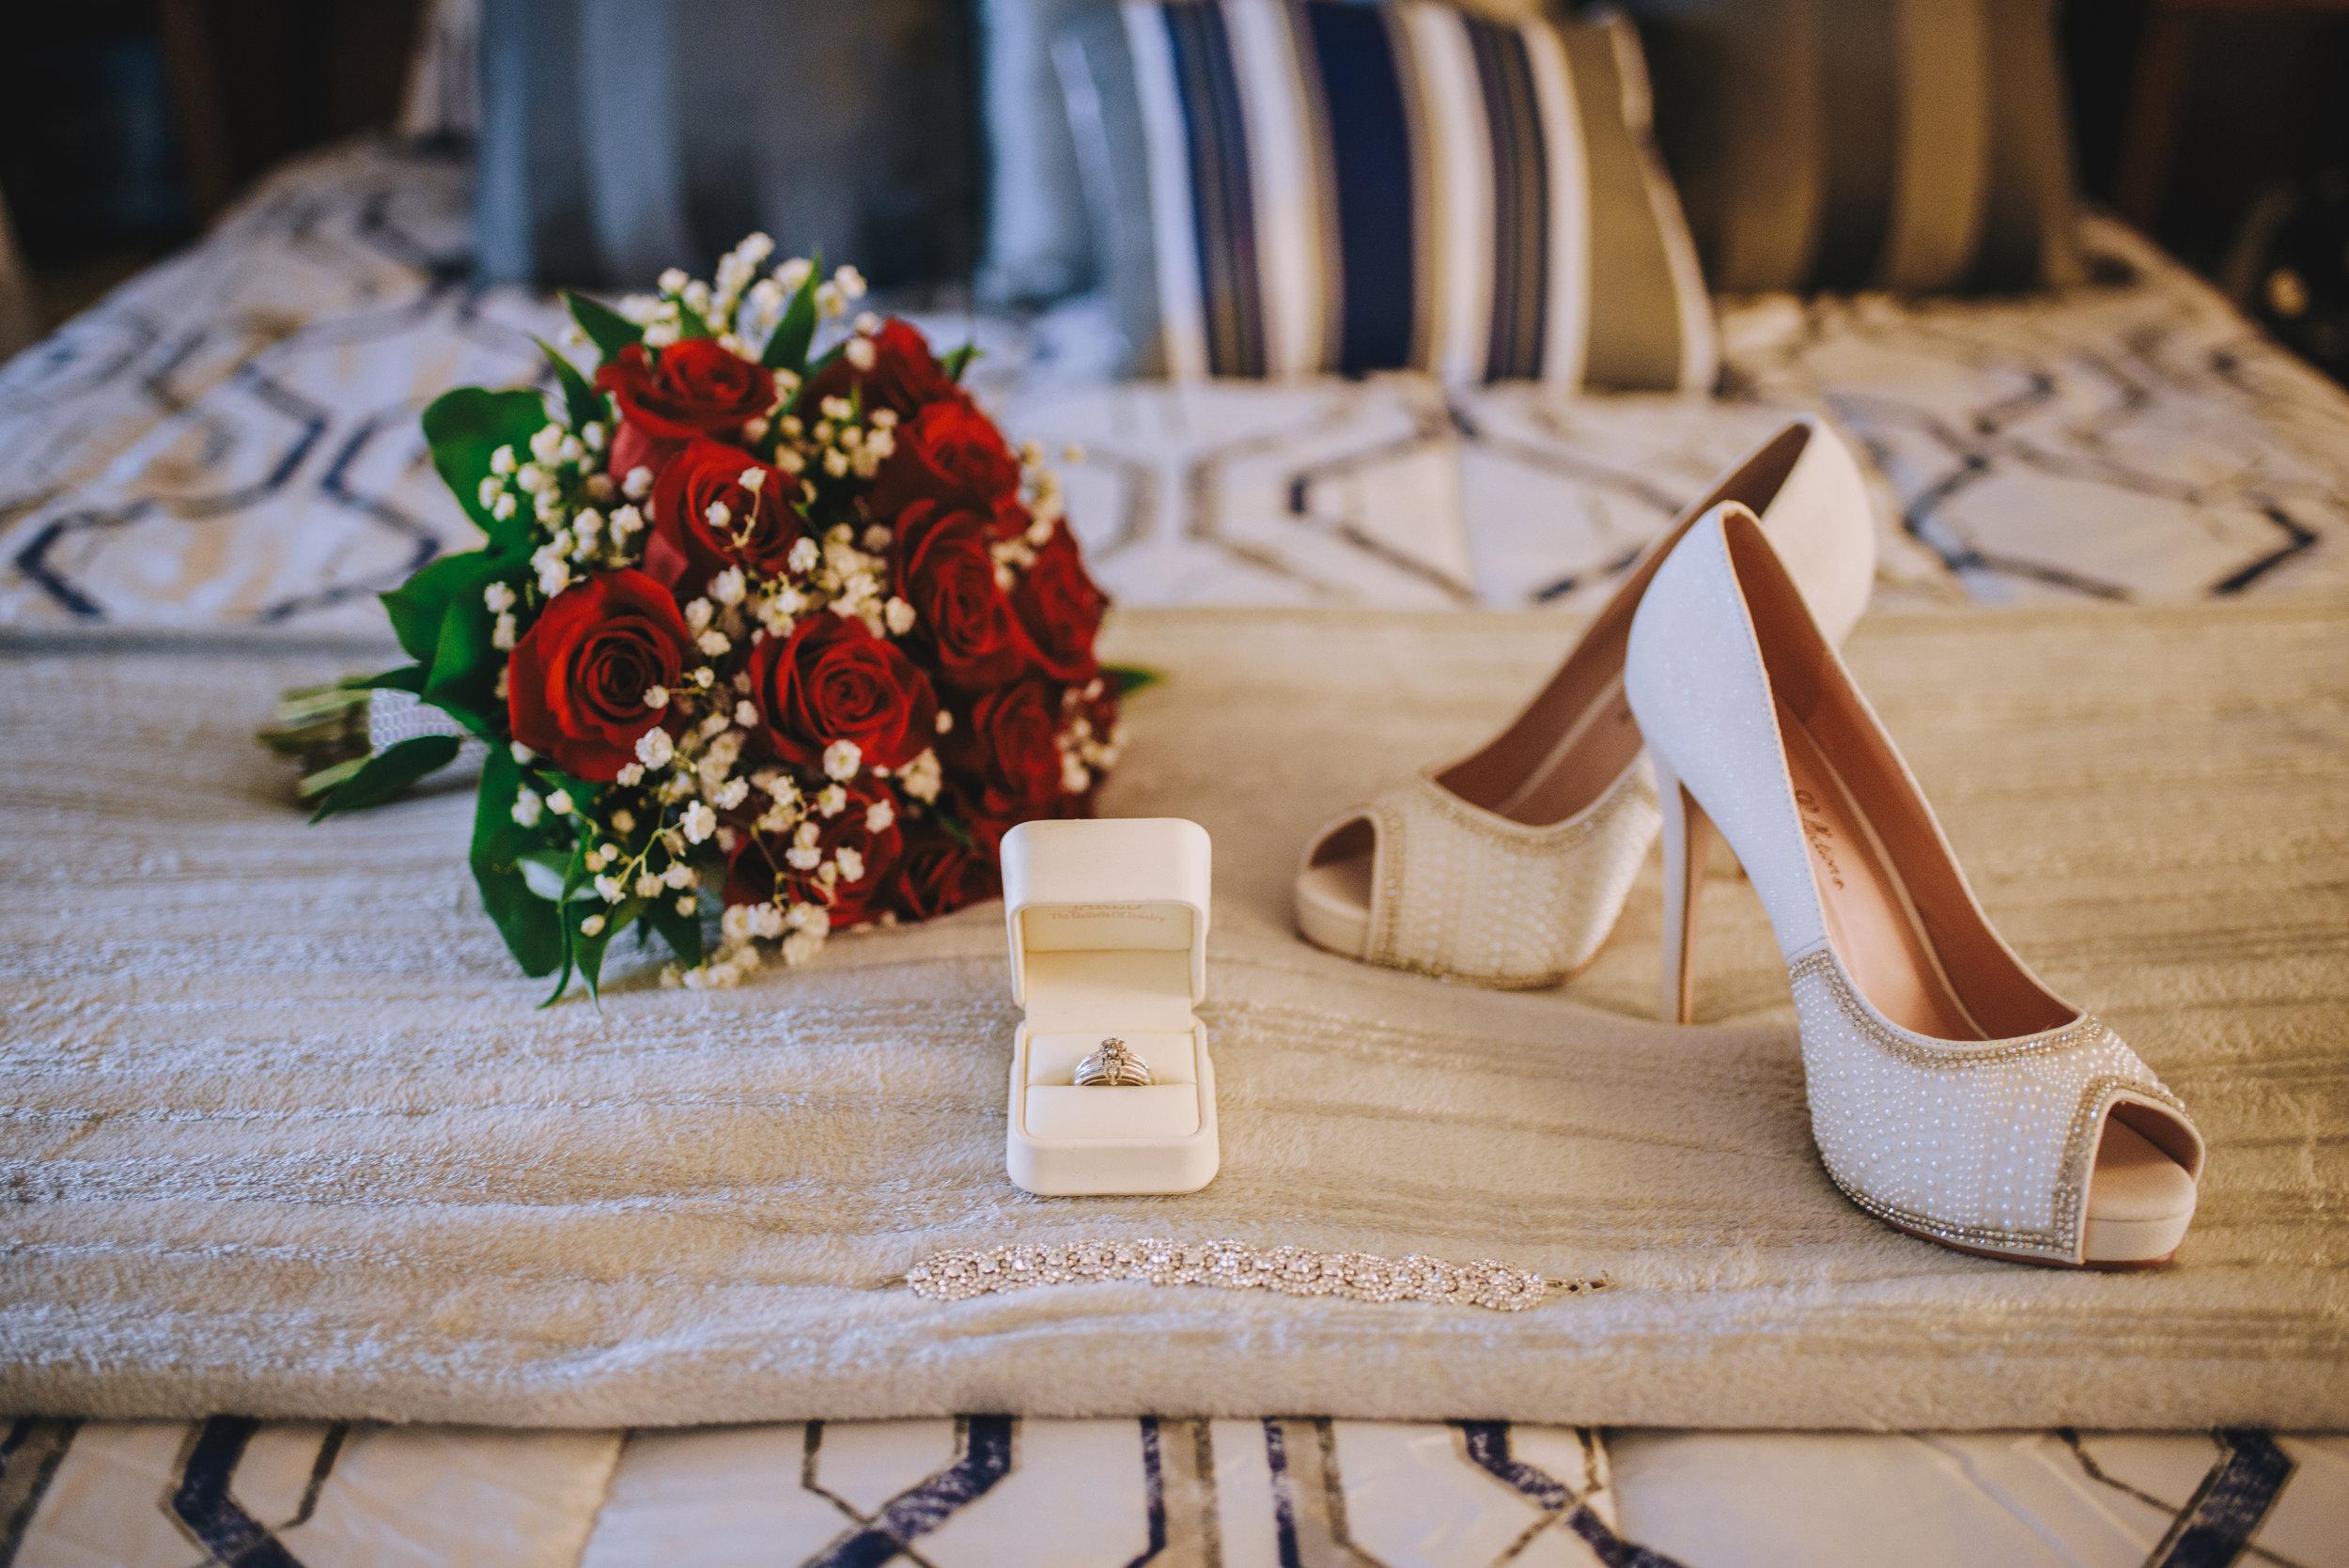 Los-Vargas-Photo-Wedding-Vow-Renewal-Central-Florida-18.jpg